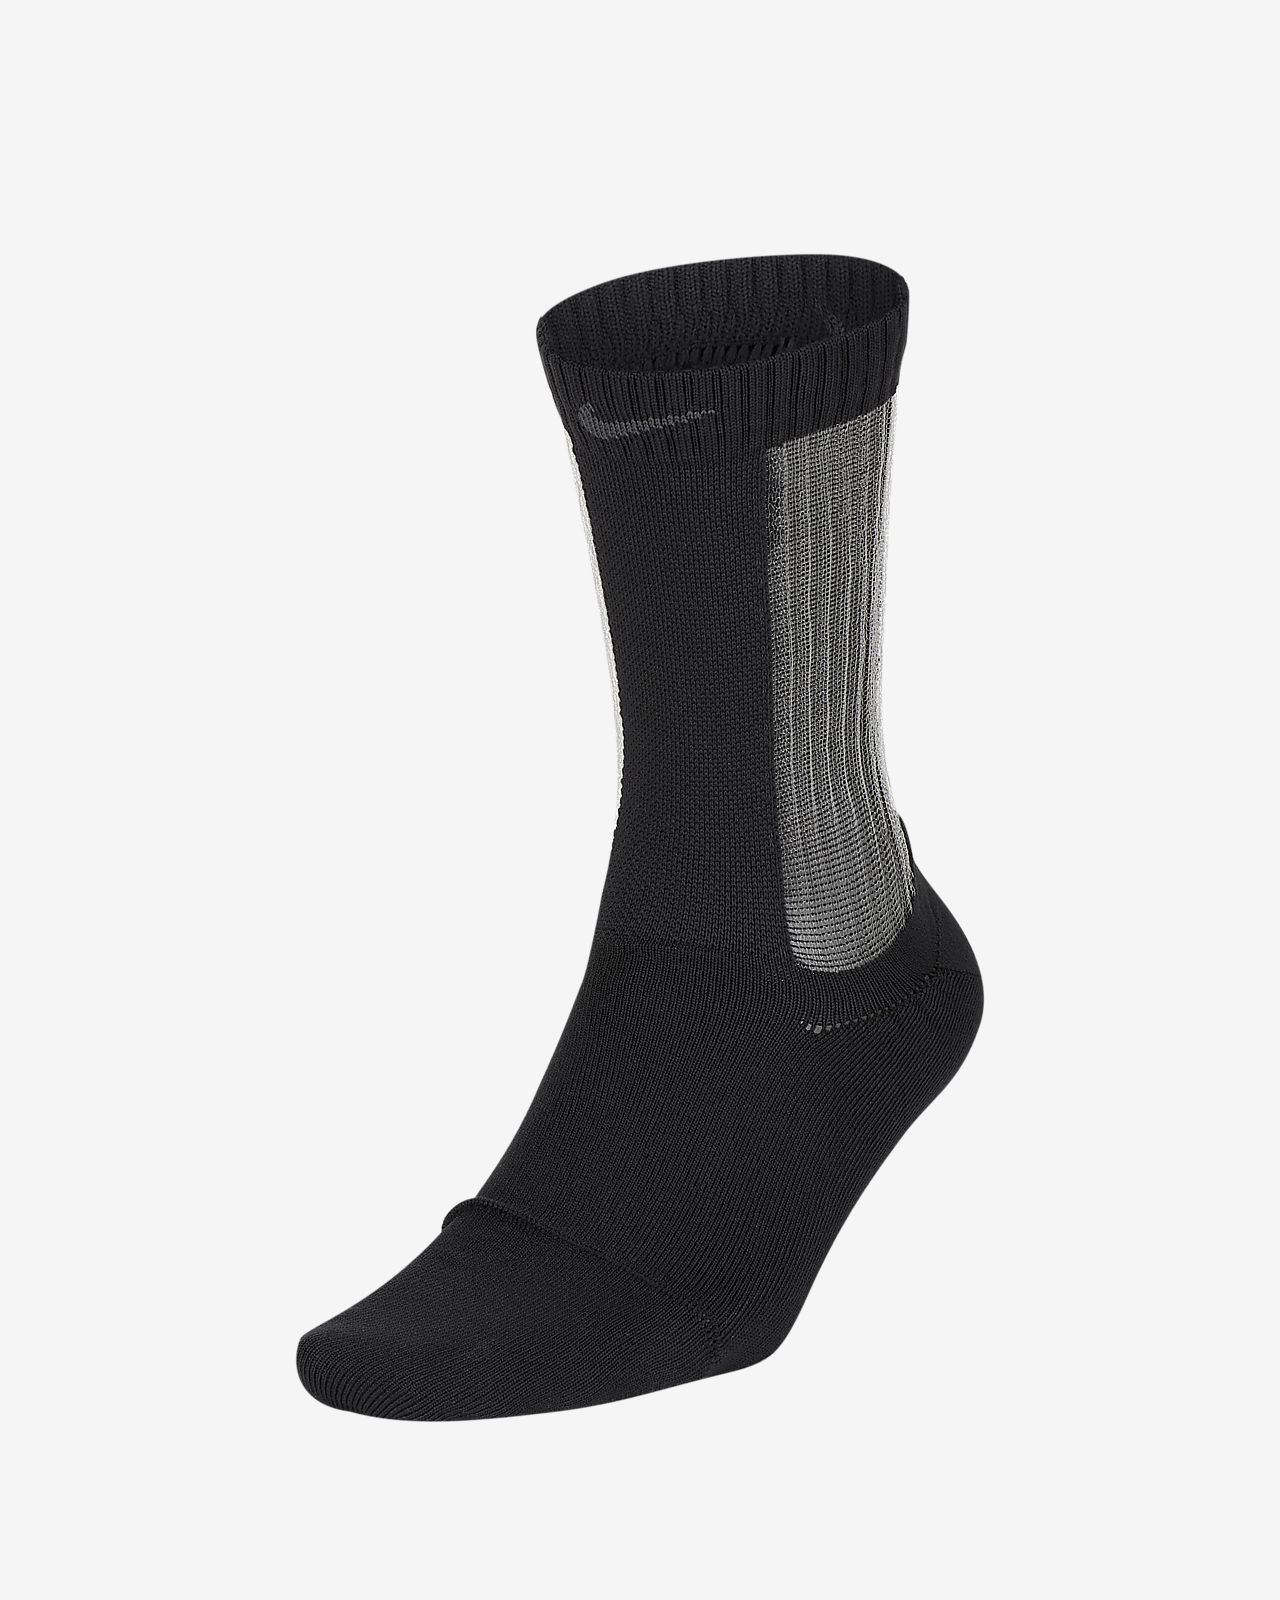 Socquettes transparentes Nike Air pour Femme